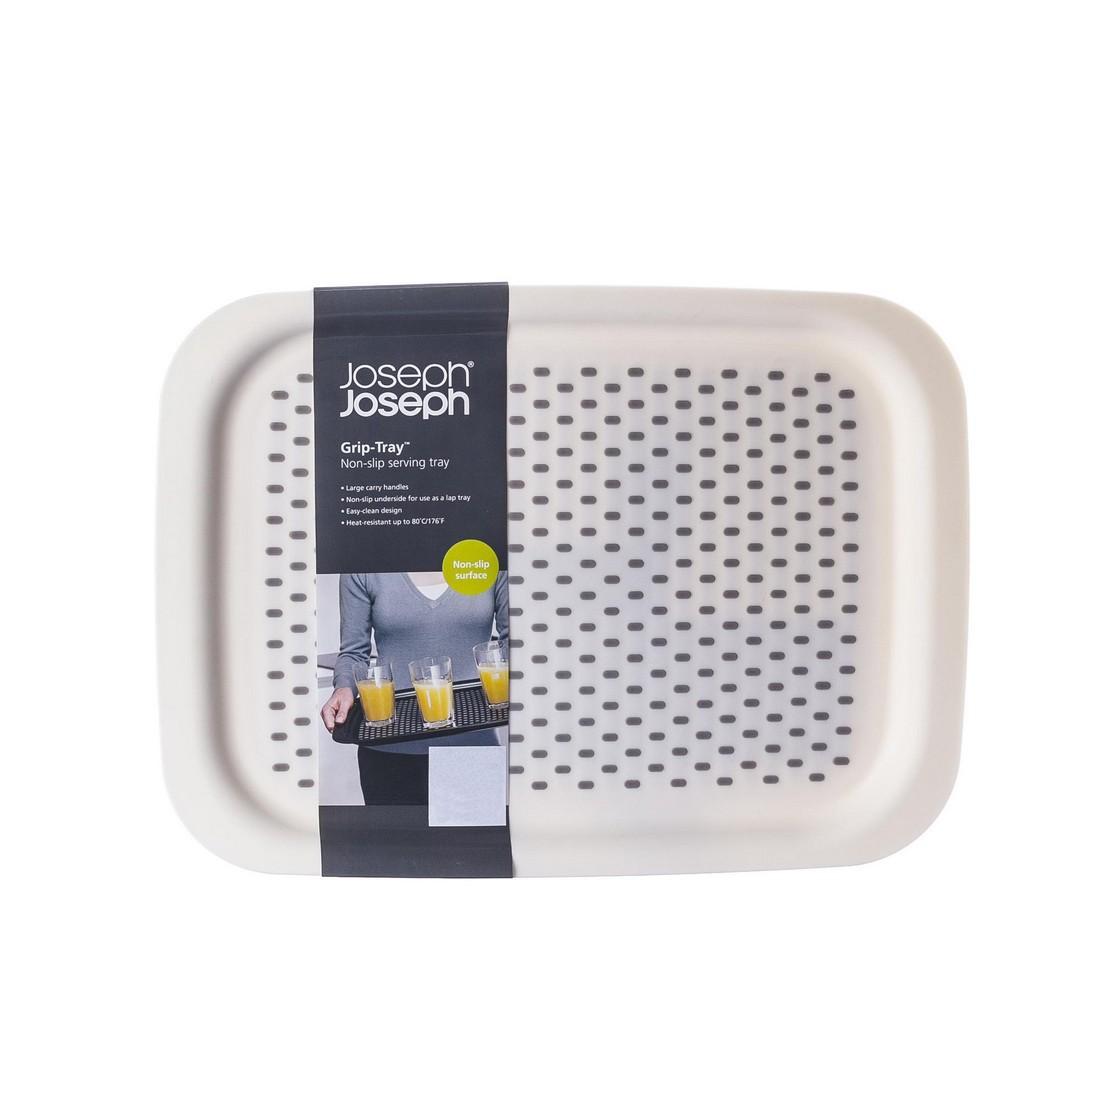 Tablett Grip Tray antirutsch – Kunststoff – Weiß, JOSEPH JOSEPH jetzt bestellen